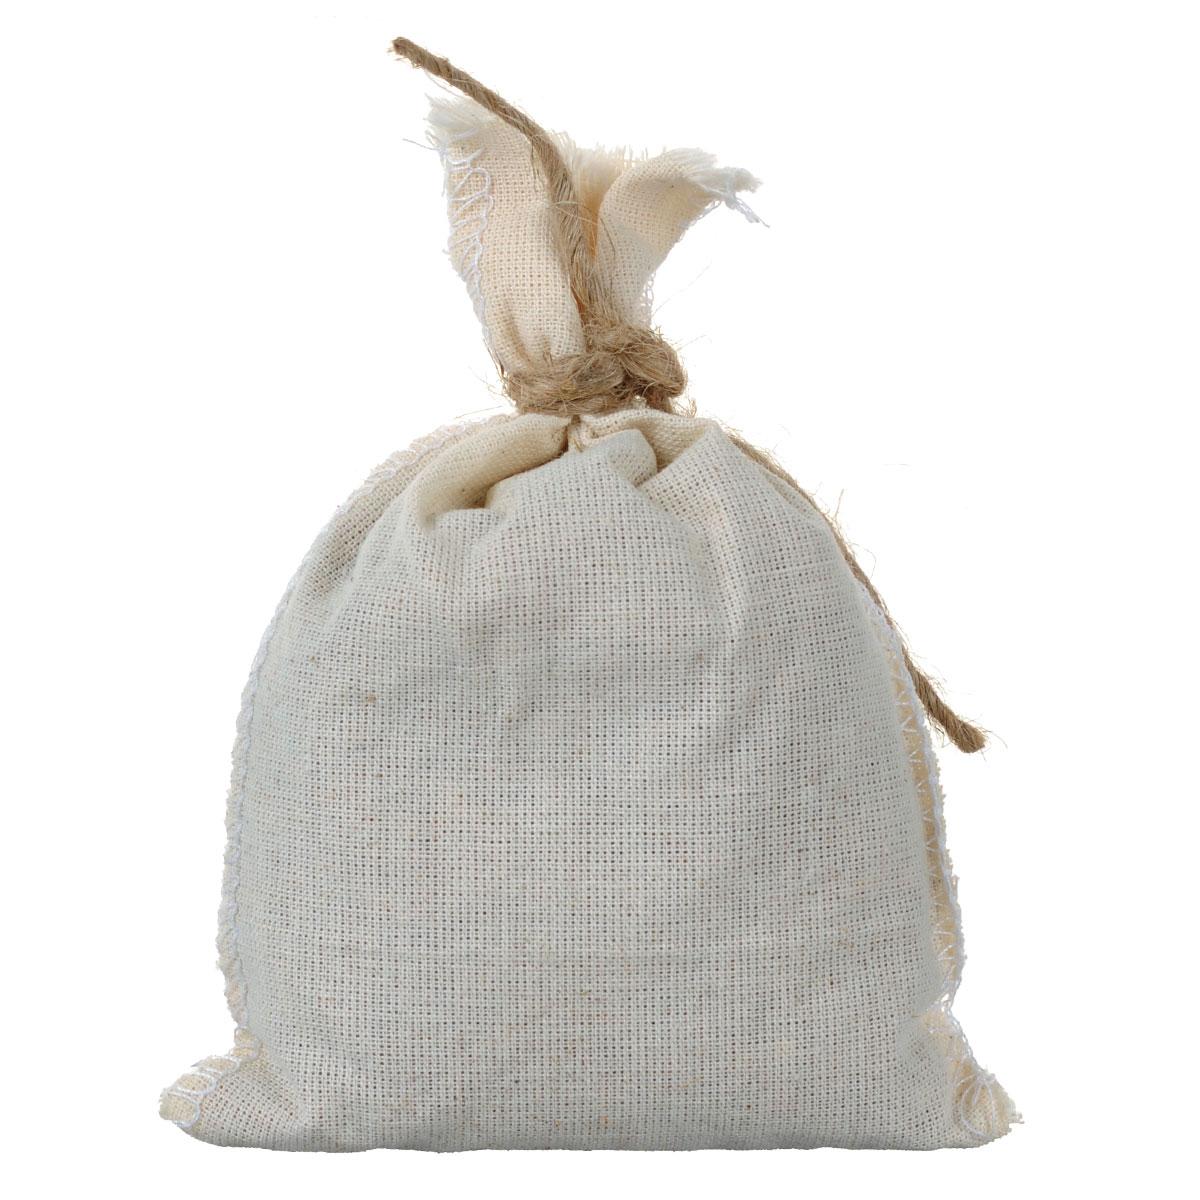 Запарка банная травяная Можжевельник и зверобой, 30 гБ2152Травяная запарка для бани Можжевельник и зверобой позволит расслабиться и насладиться приятным ароматом натуральных трав.Живительная сила 100% натуральных травяных сборов способствует оздоровлению всего организма:- укрепляет иммунитет,- тонизирует,- витаминизирует,- выводит токсины,- рекомендована профессиональными парильщиками.Применение для бани и ванн:Мешочек заливается кипятком (3 л) и настаивается 15-20 минут. Емкость желательно закрыть крышкой. Рекомендуется принимать ванну в течение 15 минут.